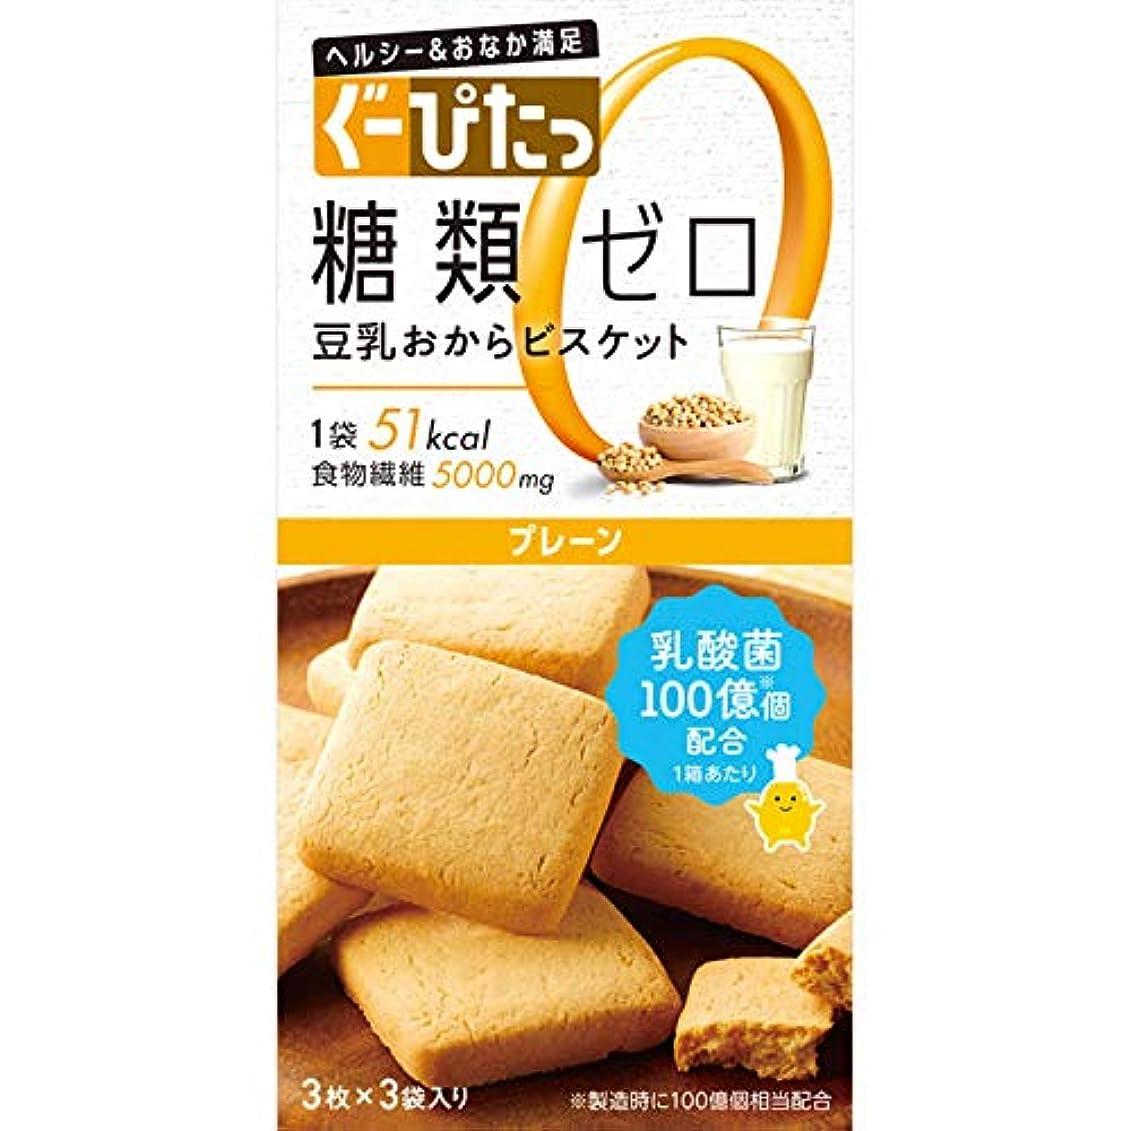 食事先駆者事件、出来事ナリスアップ ぐーぴたっ 豆乳おからビスケット プレーン (3枚×3袋) ダイエット食品